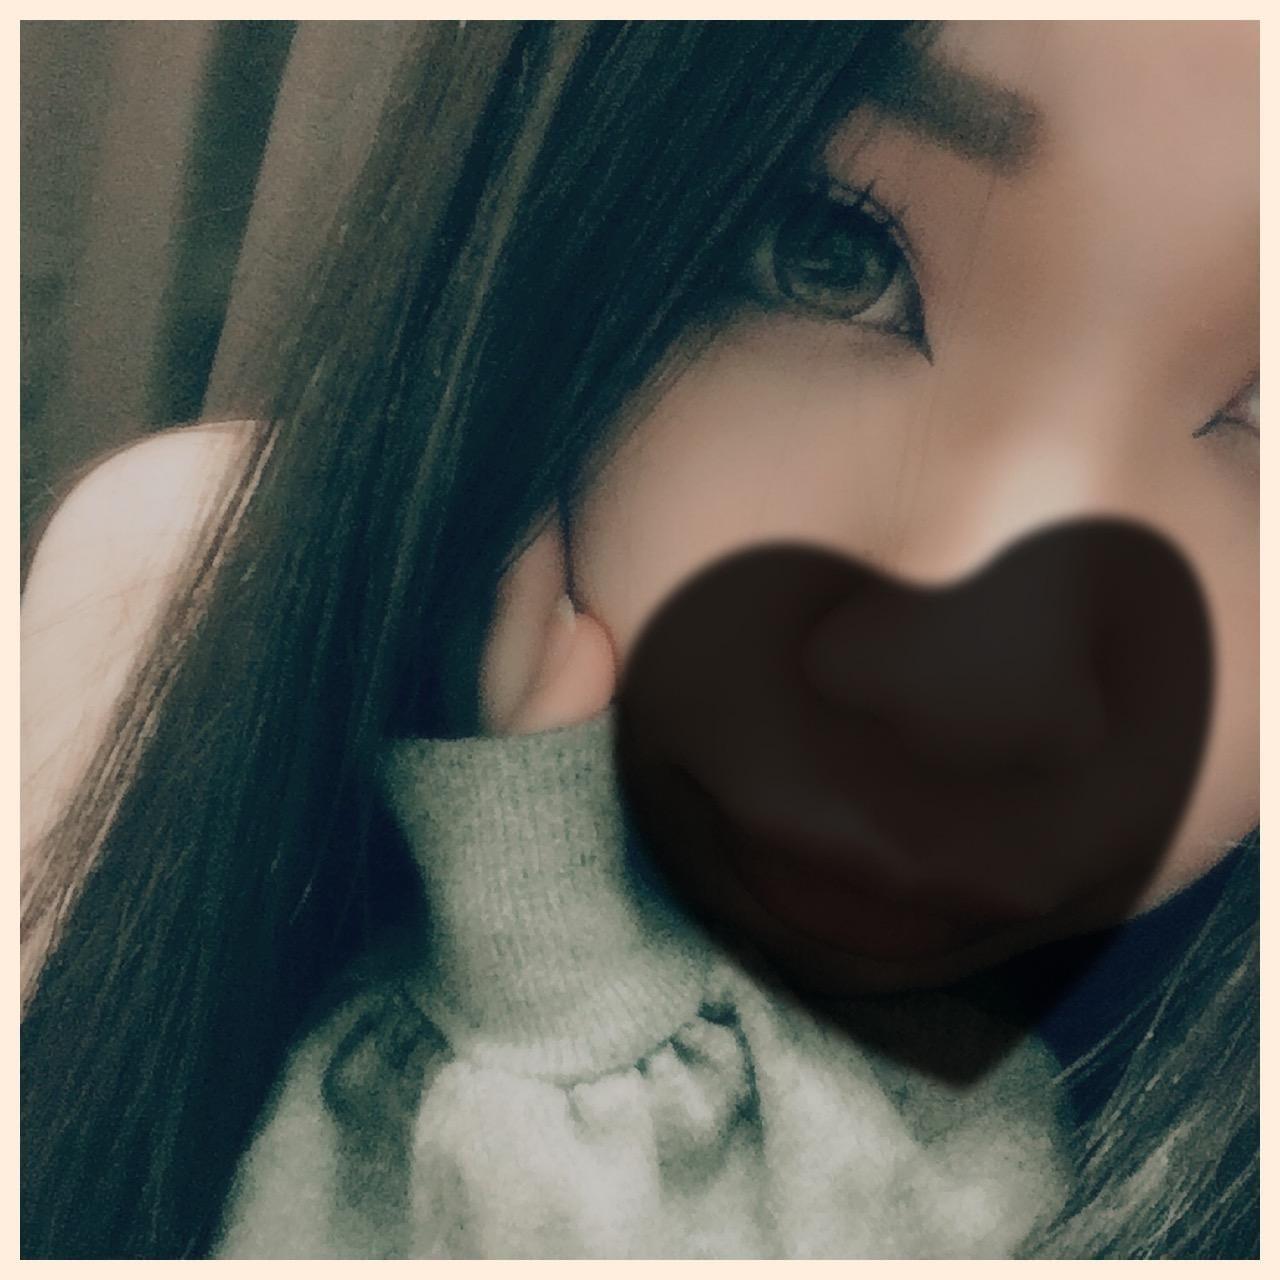 「おーわり!」01/18(01/18) 05:07 | なおの写メ・風俗動画